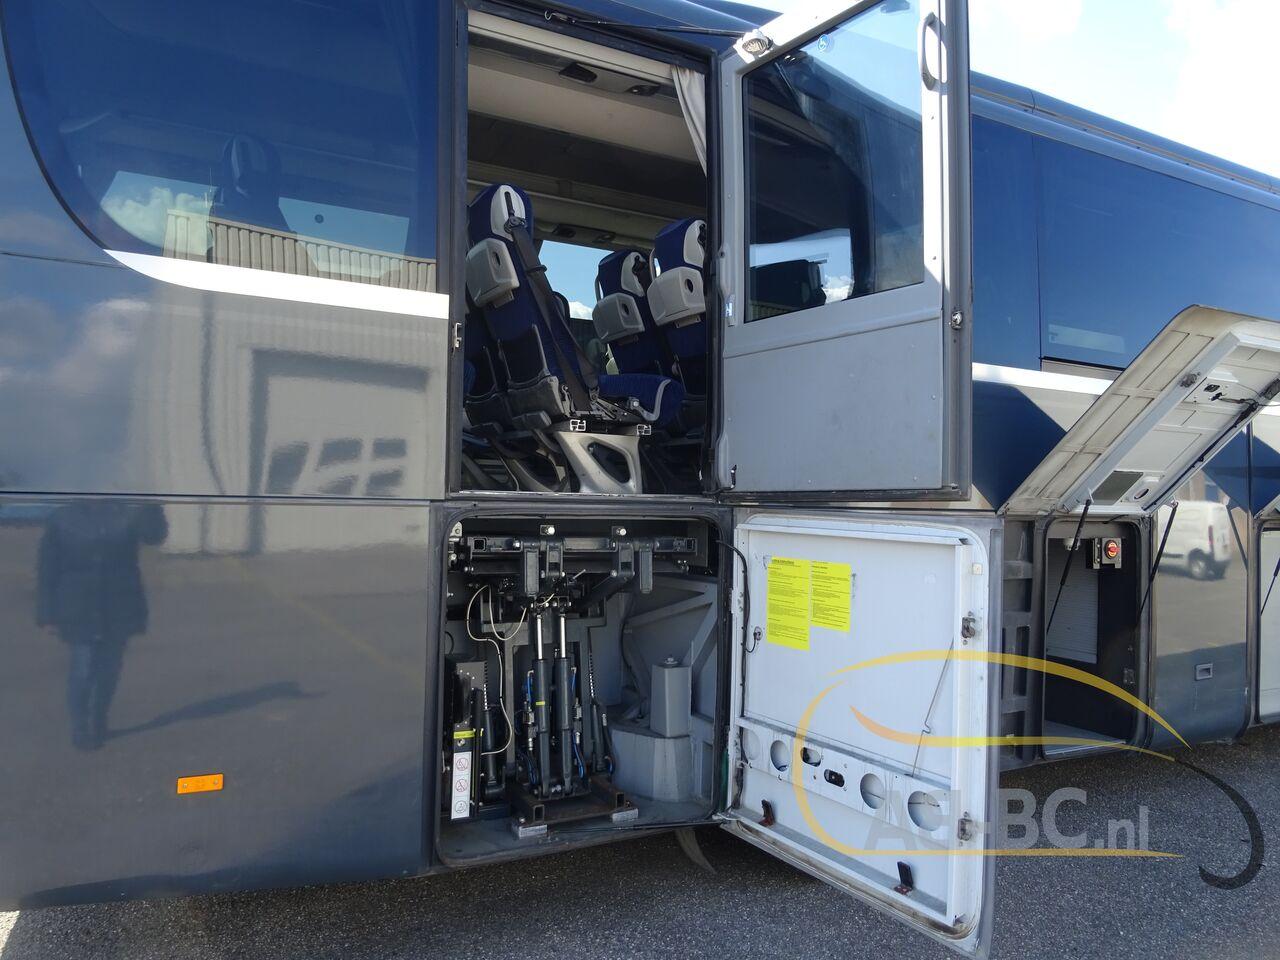 coach-busSETRA-S415-GT-HD-FINAL-EDITION---1627457337881811286_big_129ac76c32e5a3bcb5de869969c14a11--21050713010665719300